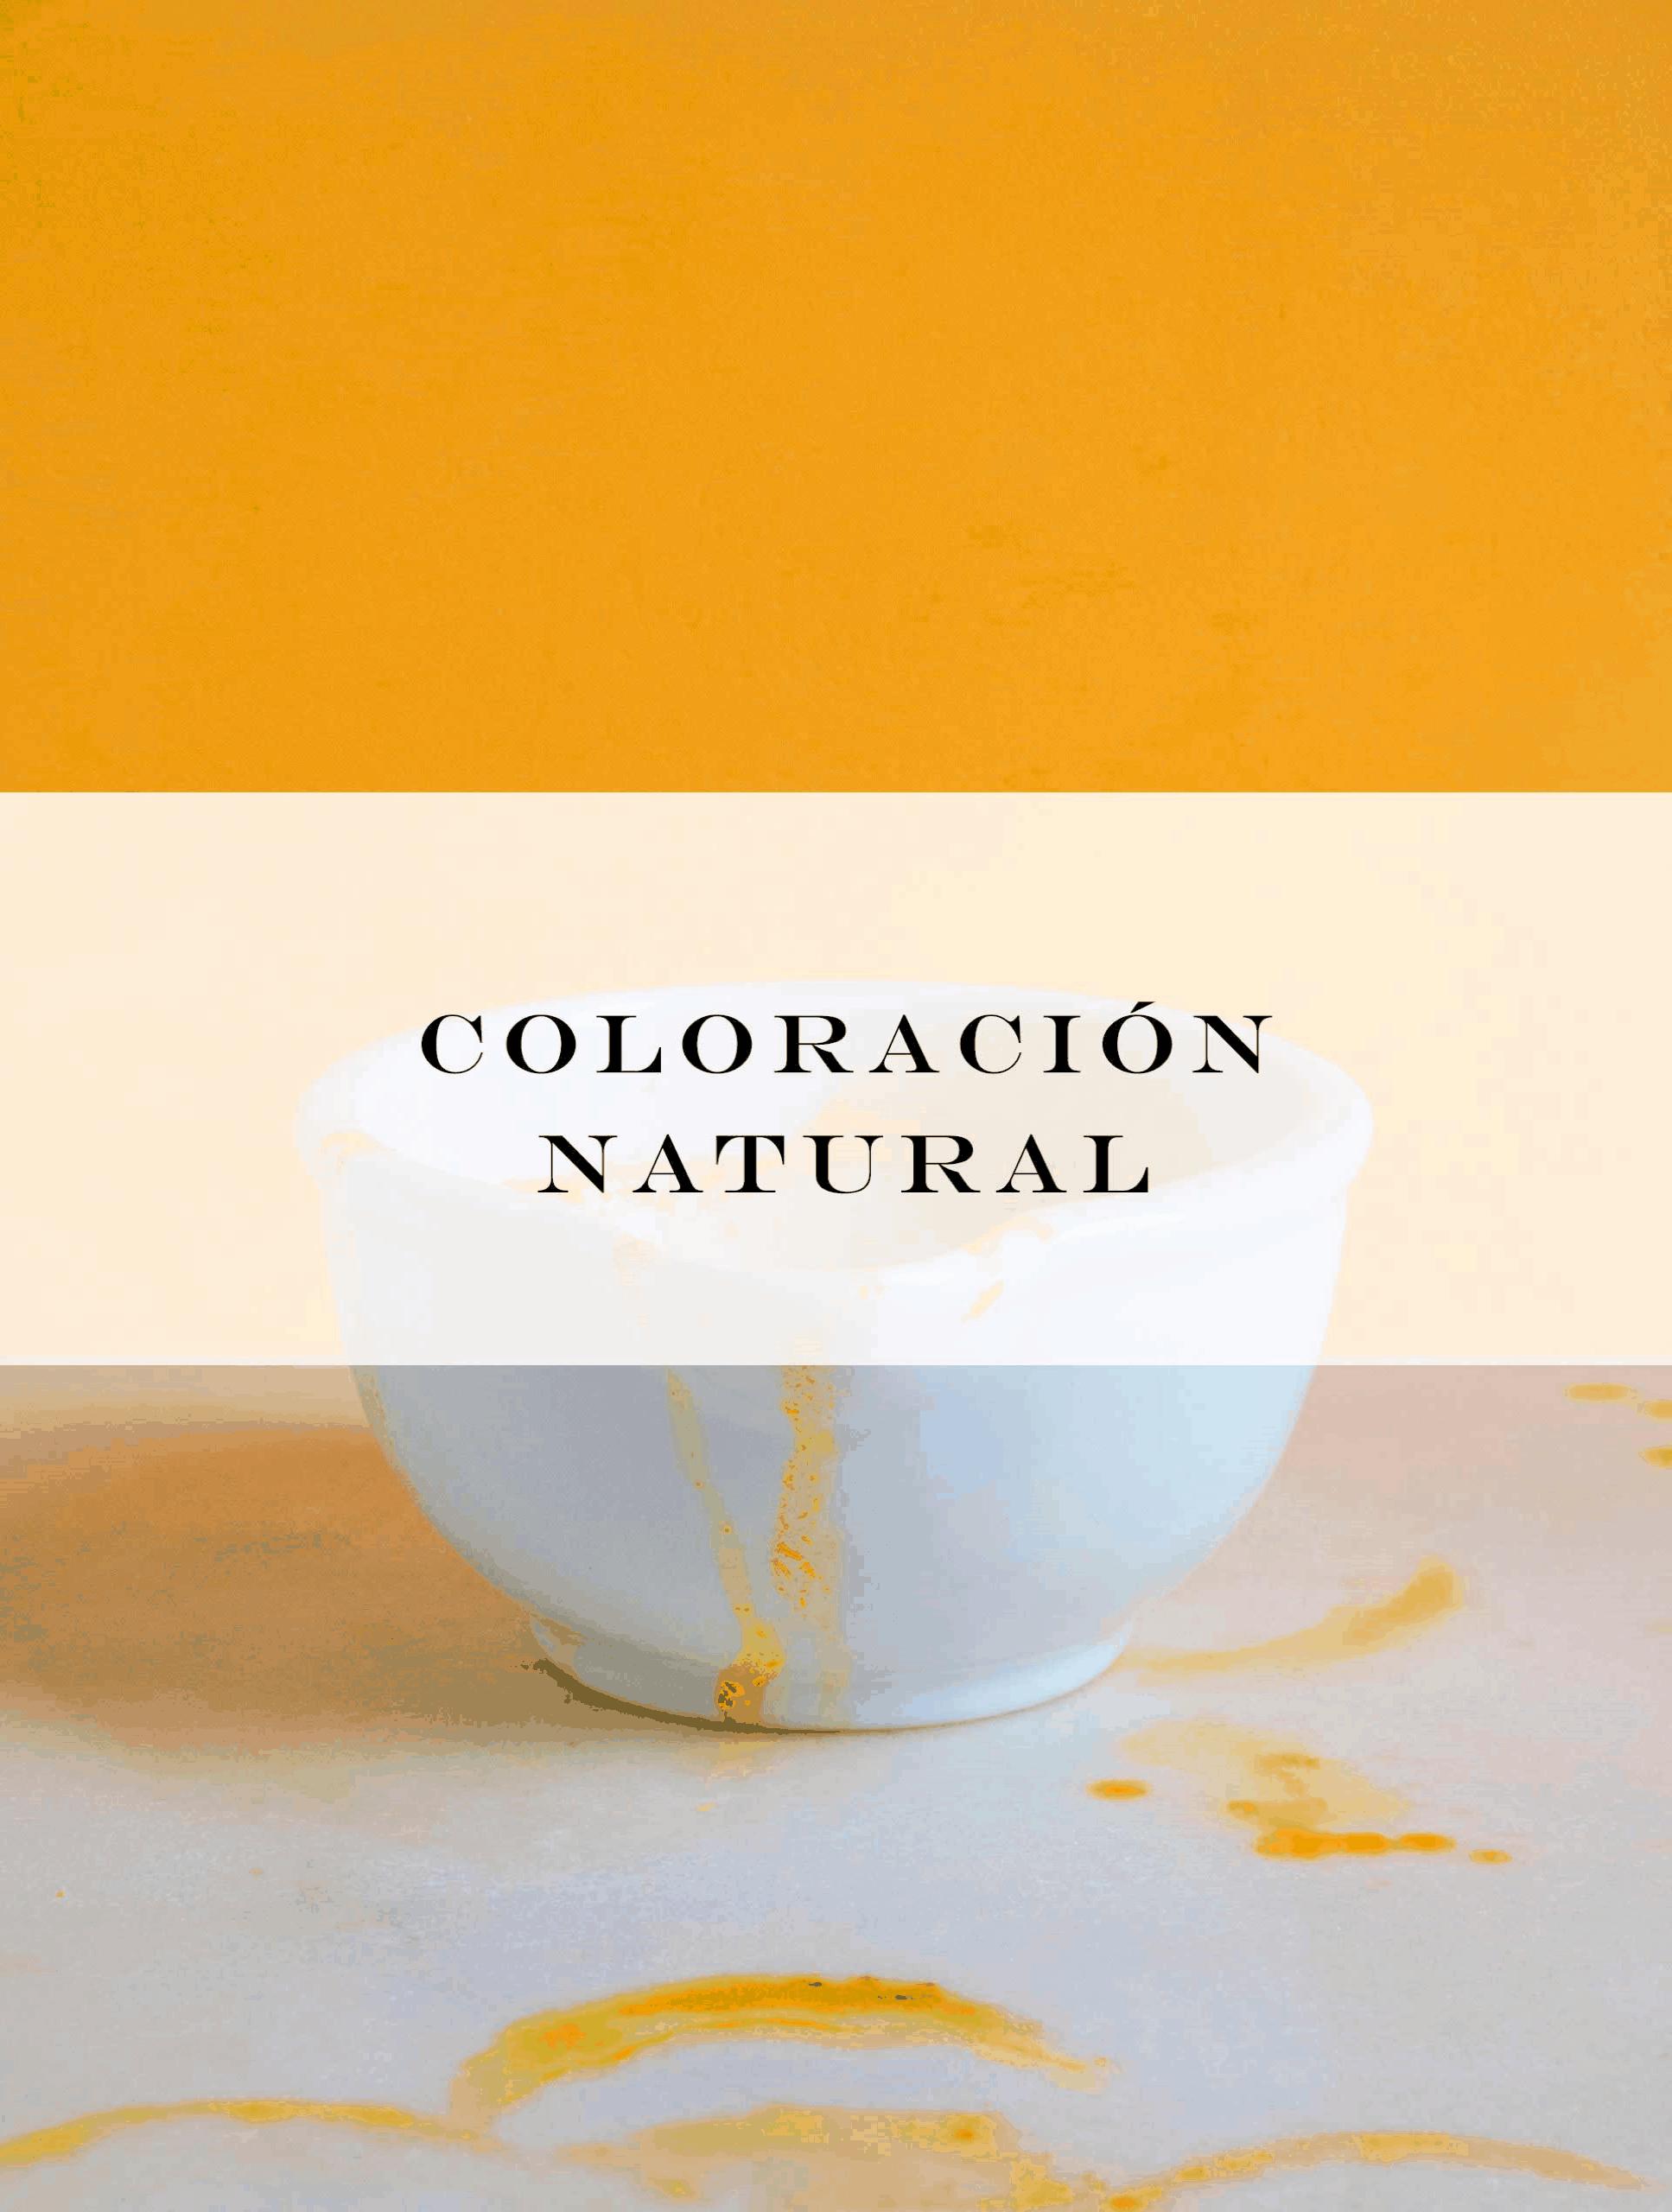 coloracion natural y organica